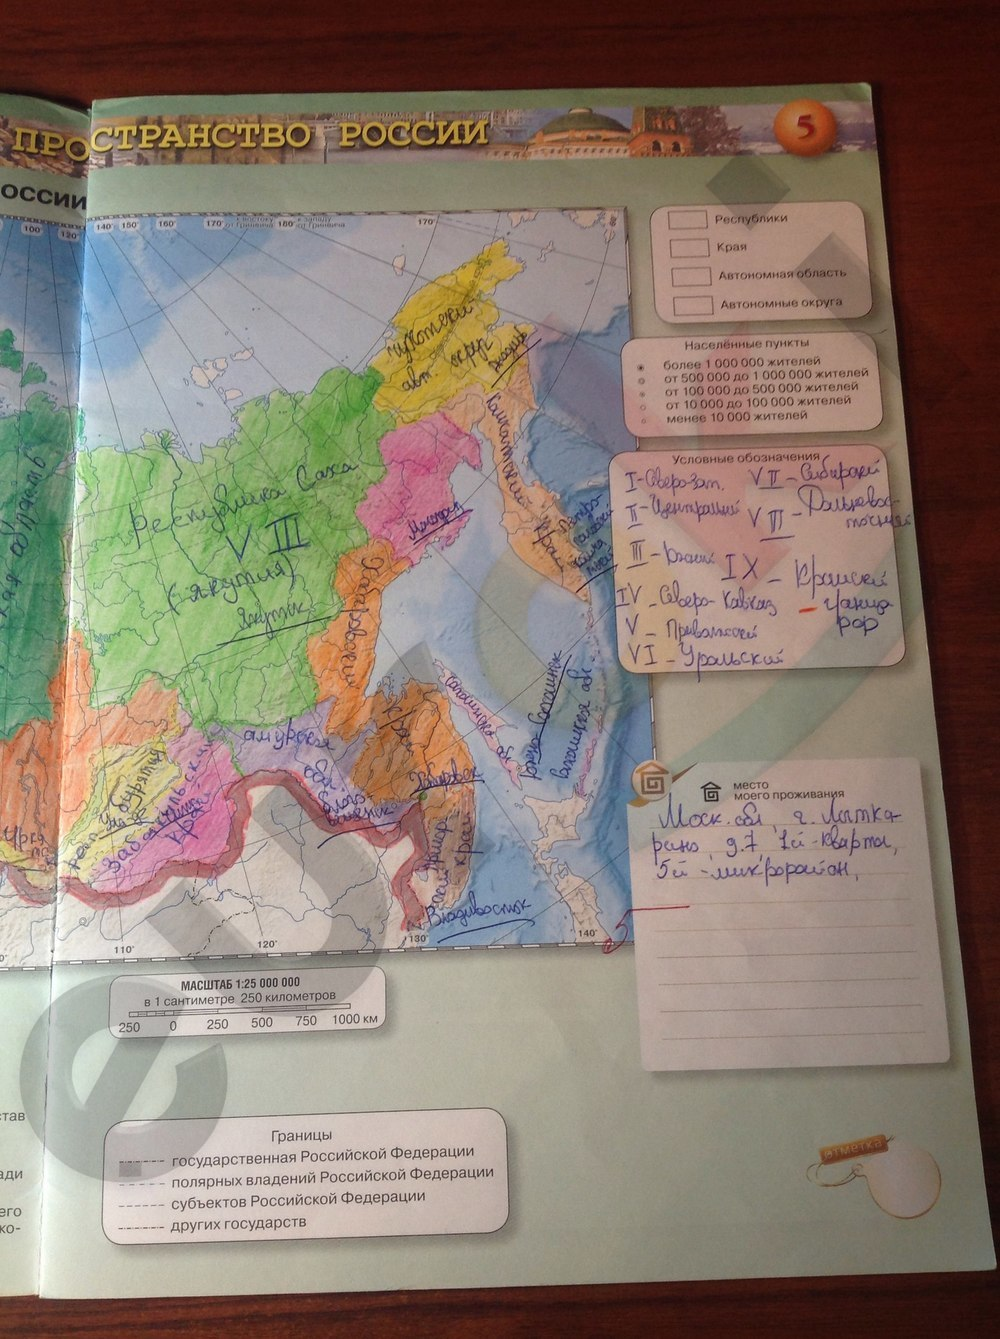 гдз география 9 класс контурная карта издательство просвещение